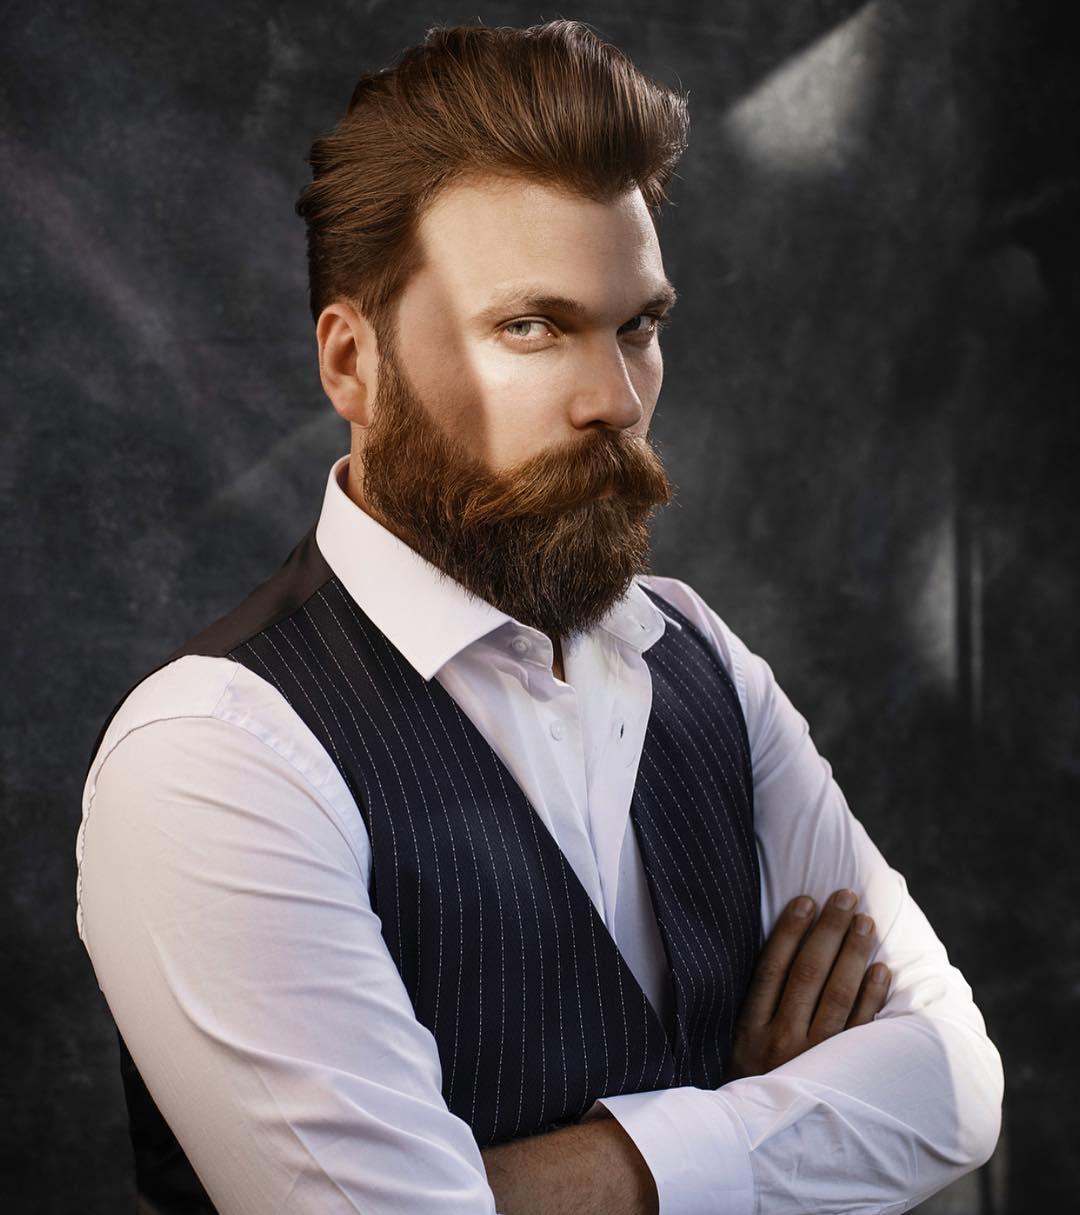 Pomp + Full Beard